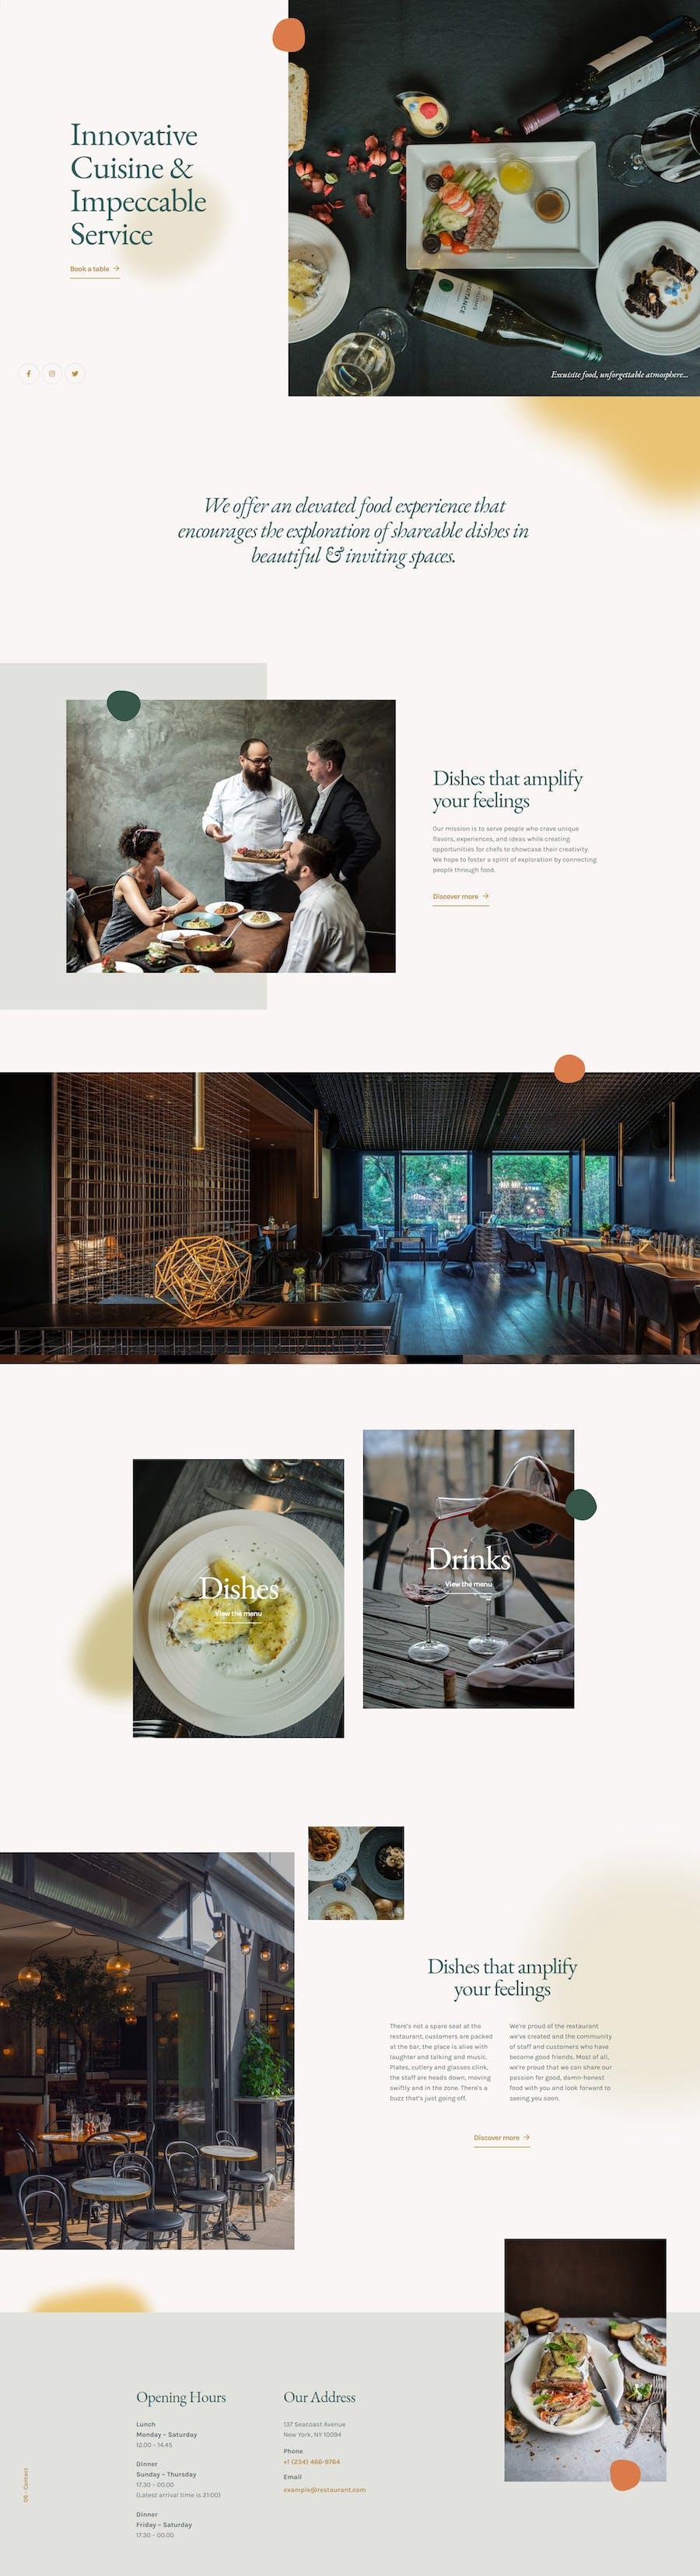 The Restaurant - Elementor Template Kit - 1